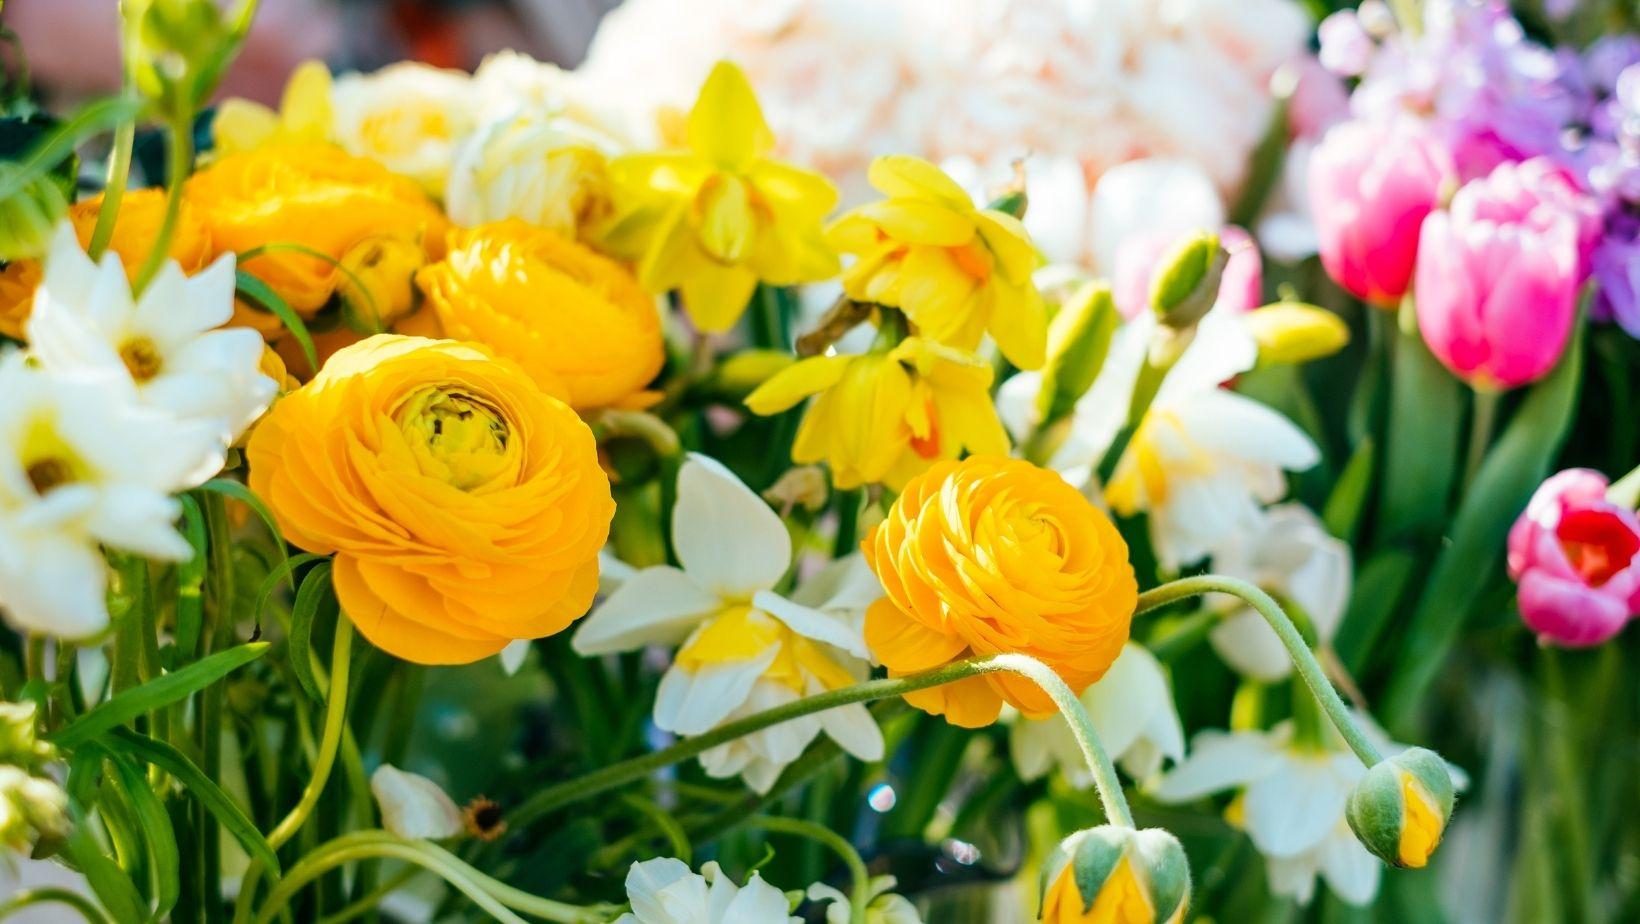 เทรนด์สีช่อดอกไม้สดสวย ๆ สุดฮิตในปี 2021